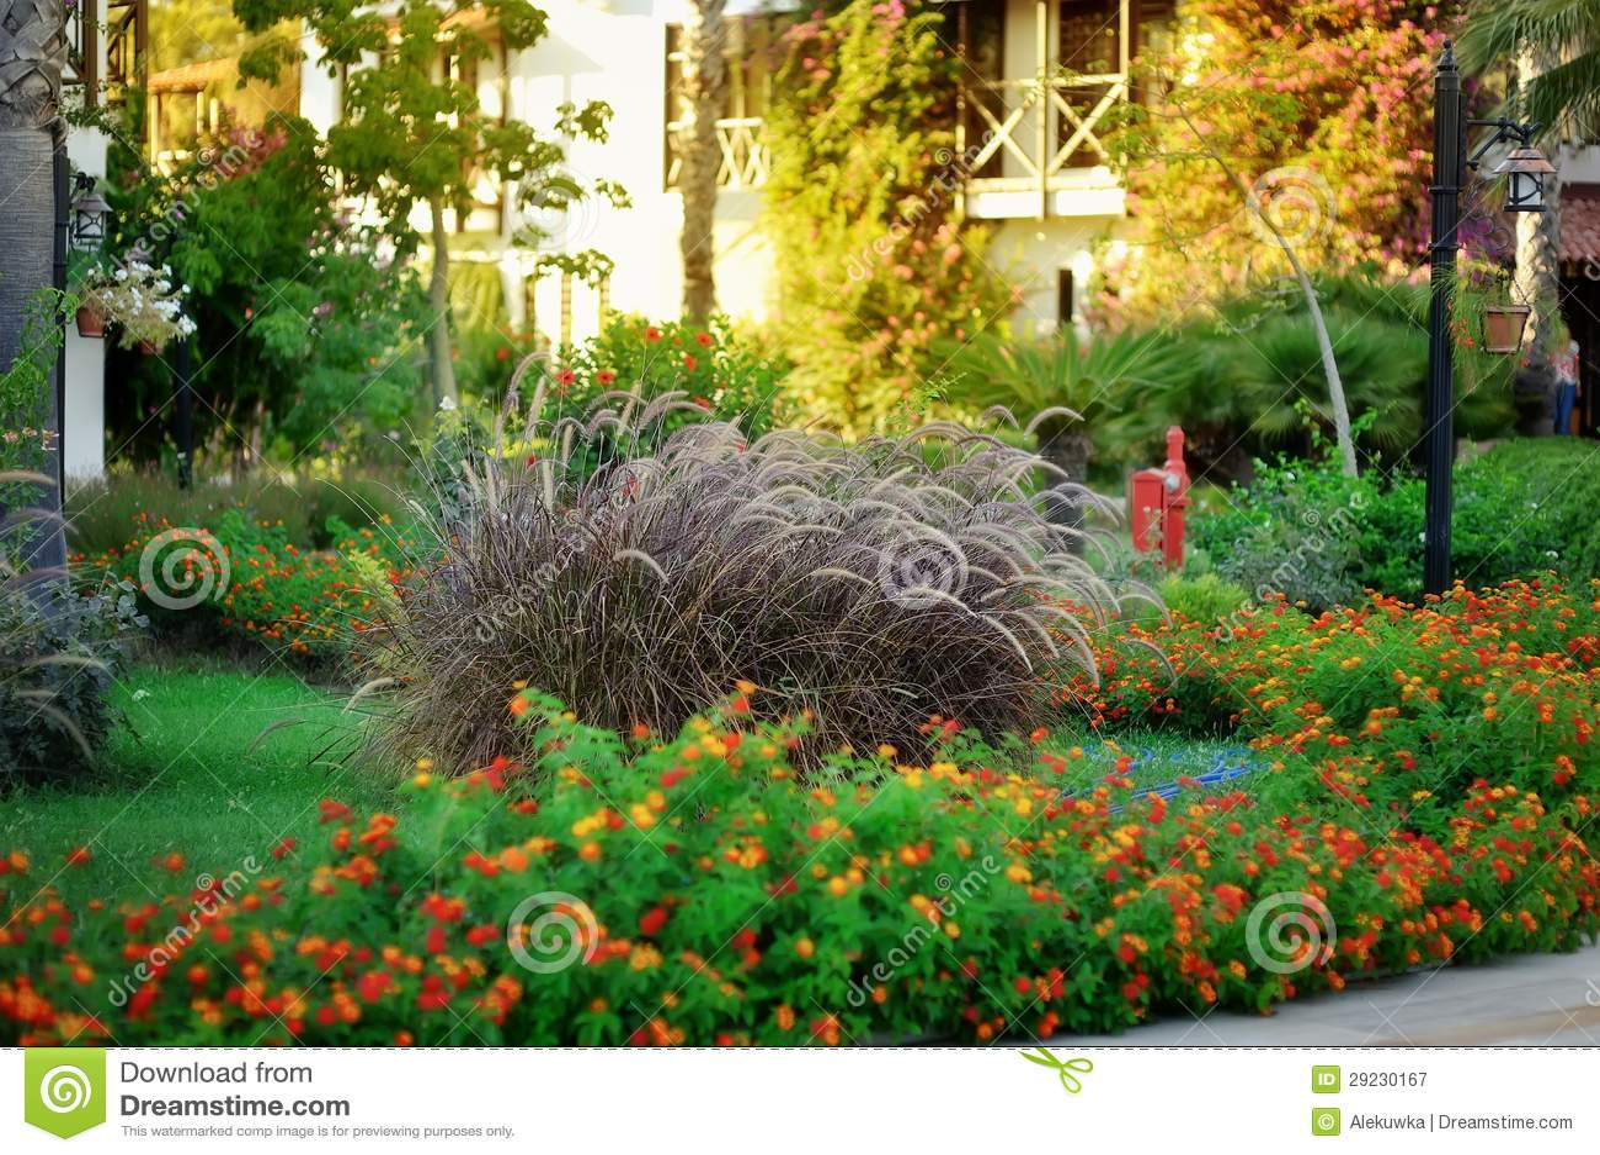 Download Paisagem imagem de stock. Imagem de botanical, naughty - 29230167